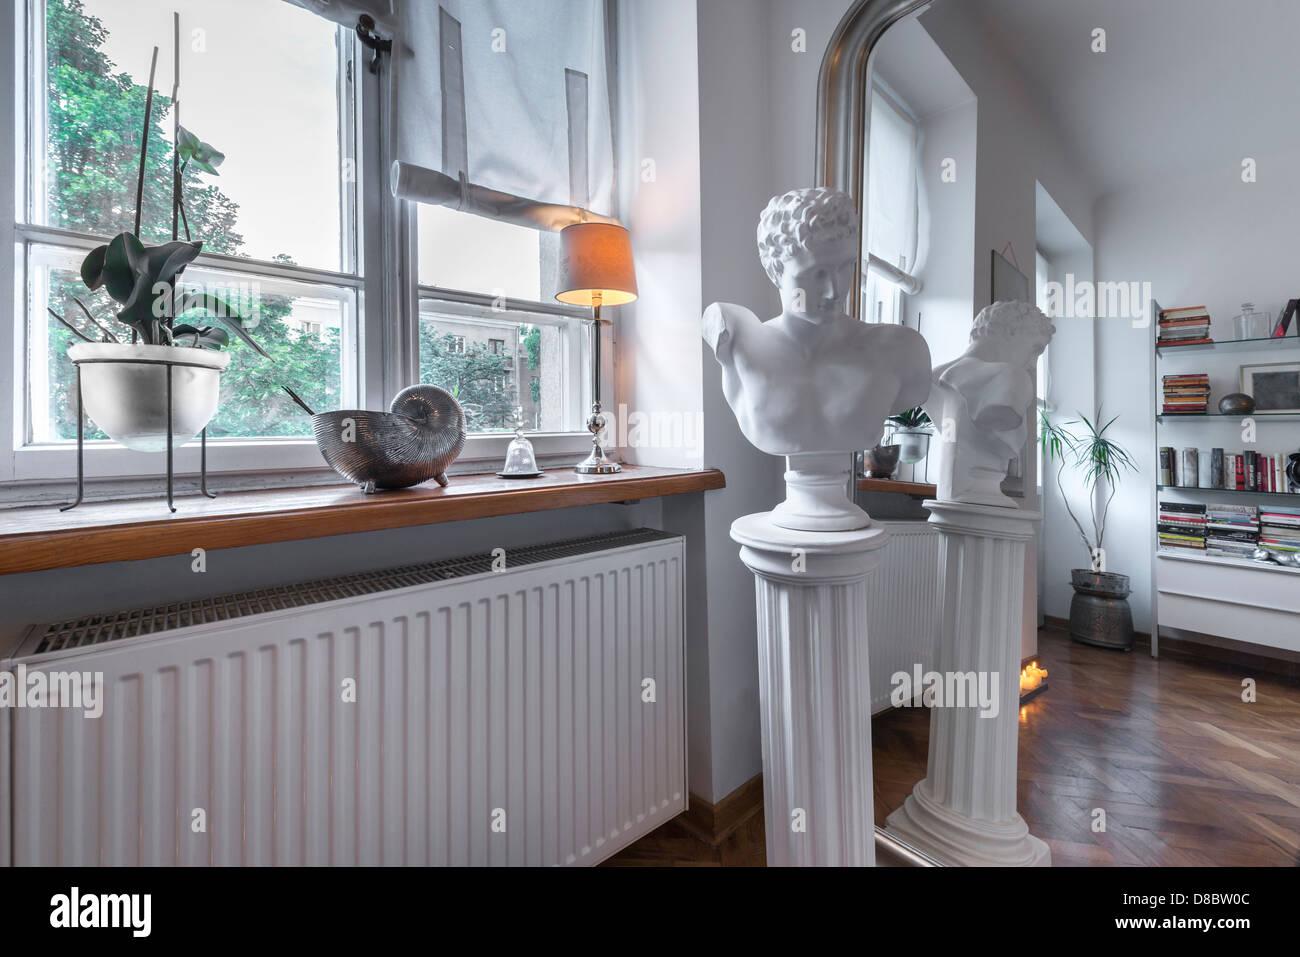 Light Sculpture Modern Stockfotos & Light Sculpture Modern Bilder ...